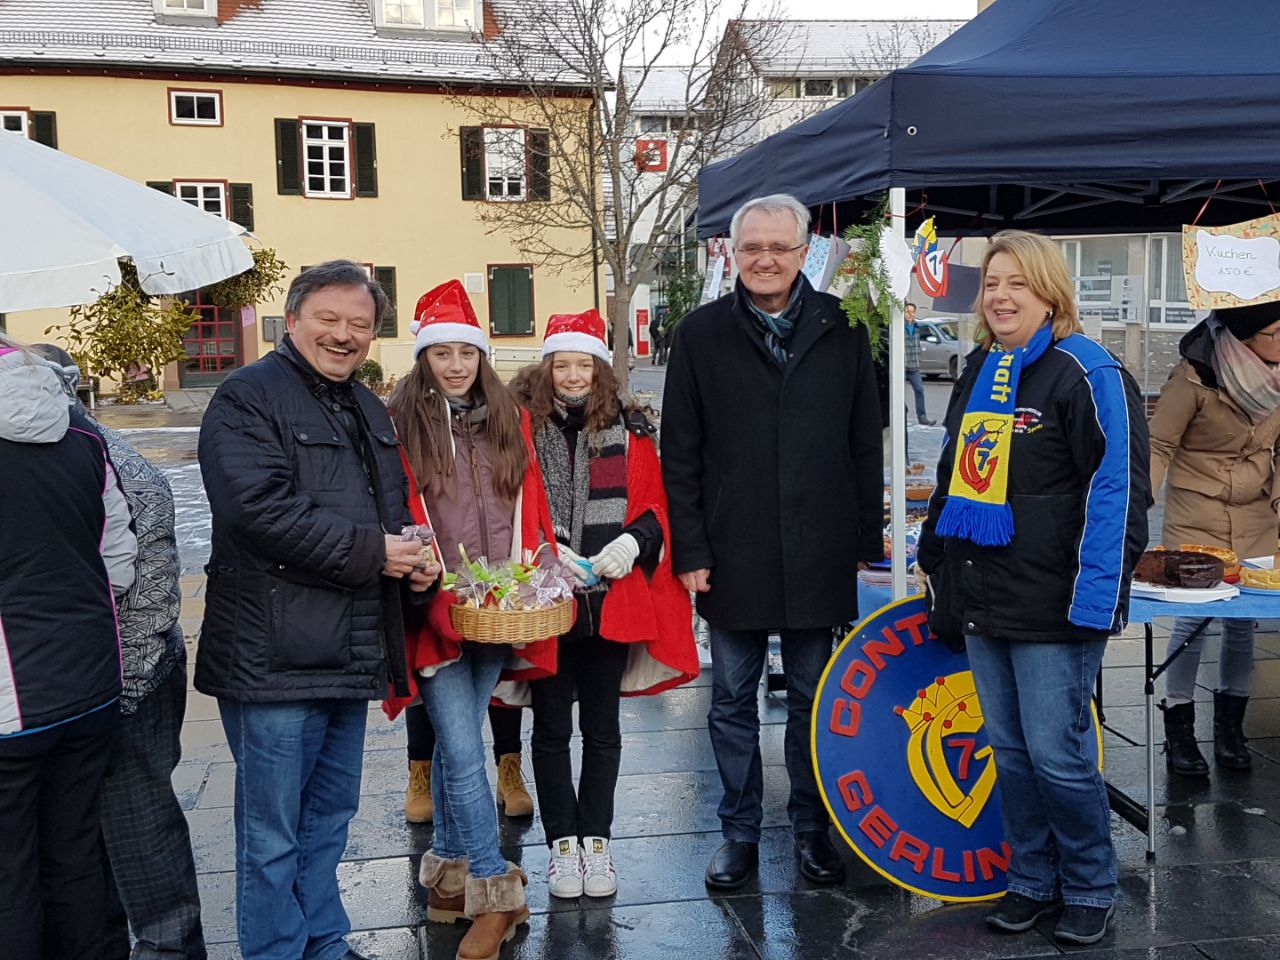 Kuchenverkauf auf dem gerlinger marktplatz kg contacter for Küchenverkauf